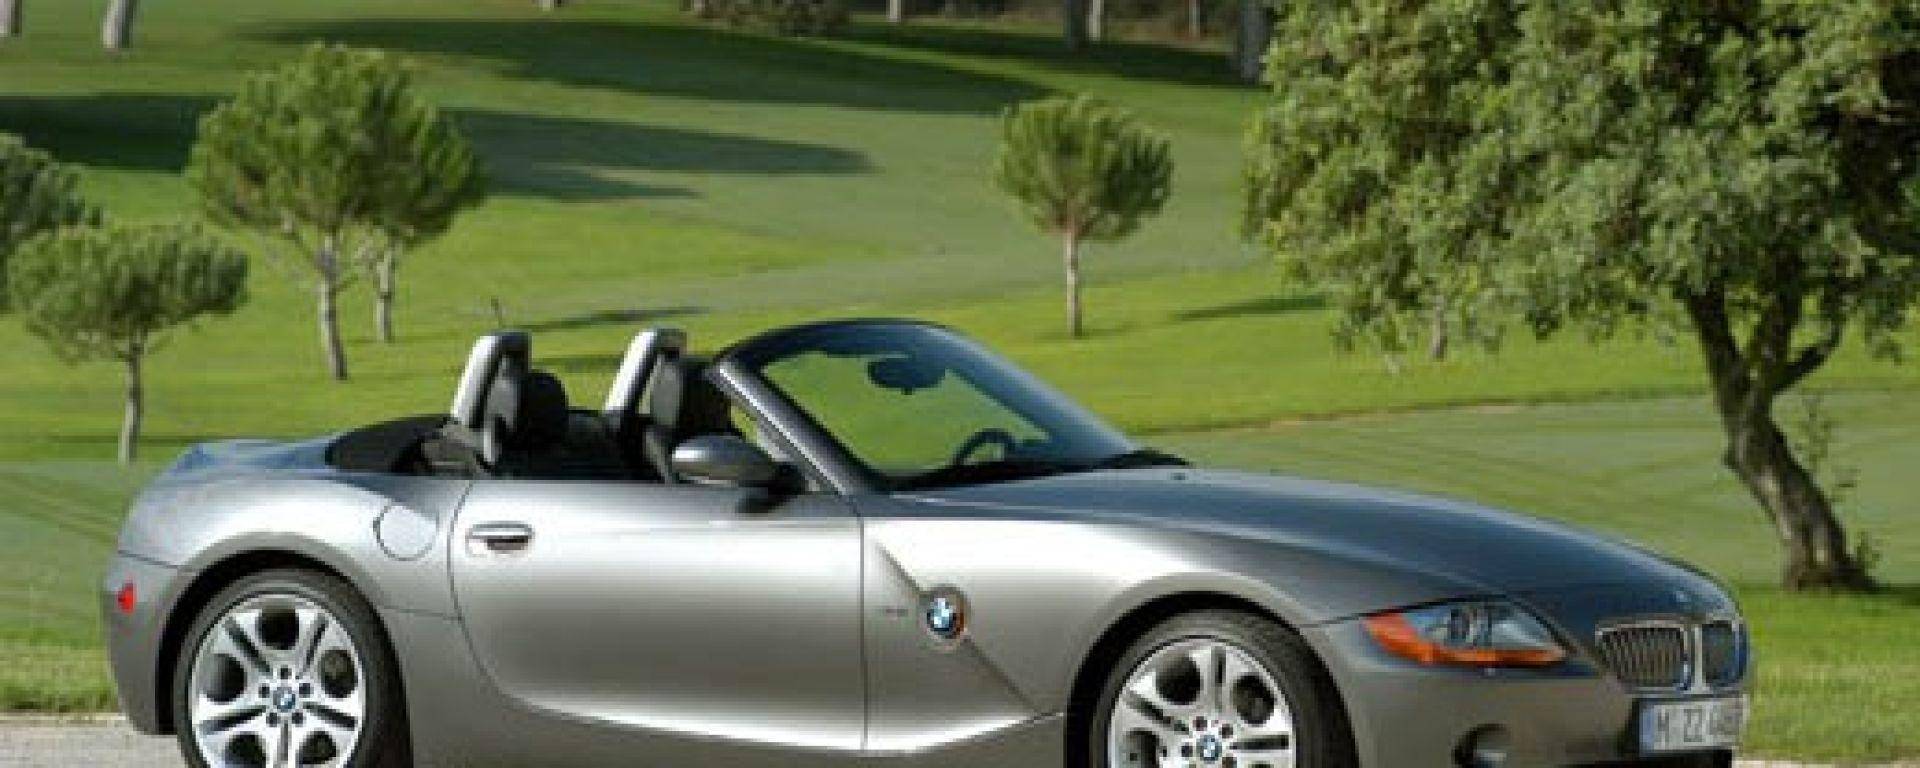 Su strada con la BMW Z4 3.0